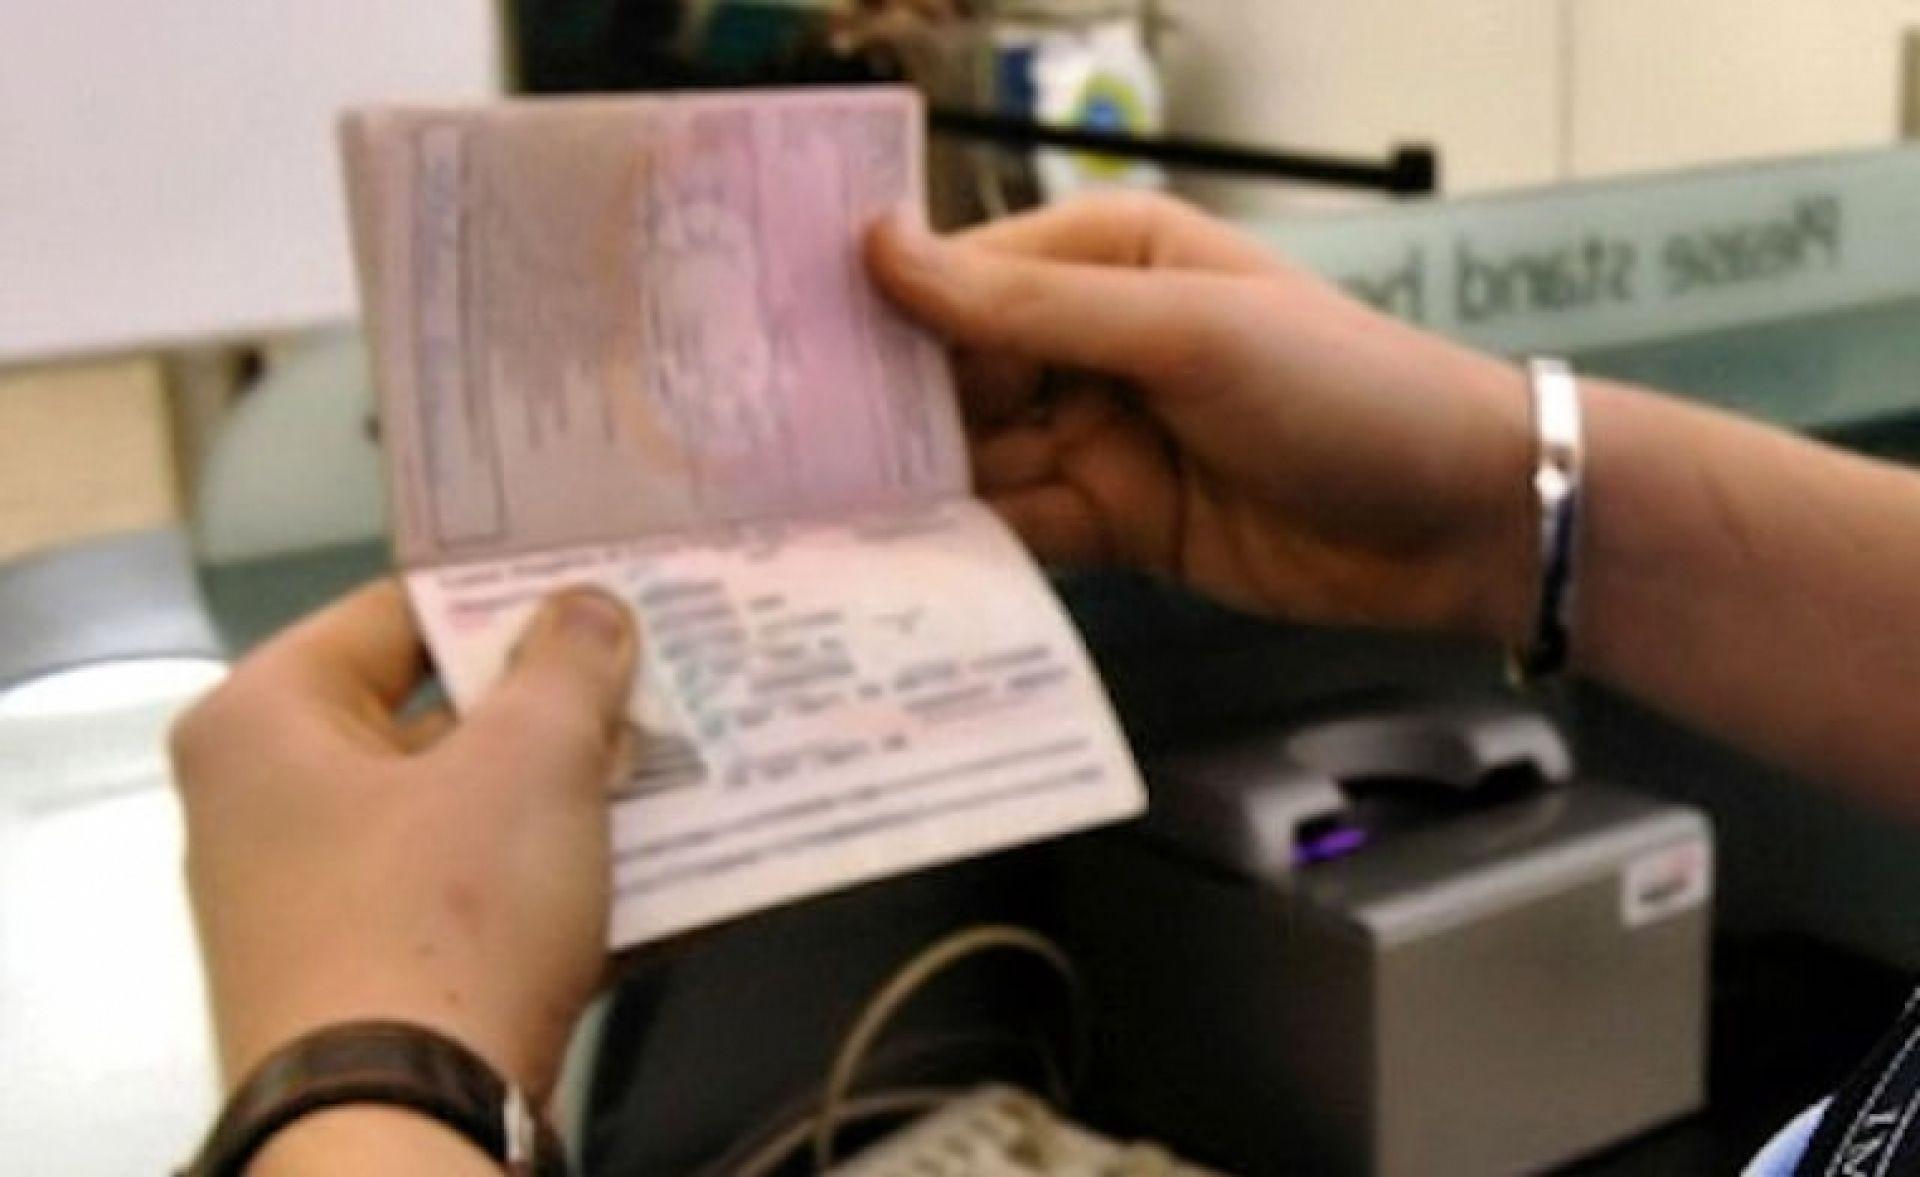 Δυο ακόμη Σύριοι συνελήφθησαν στο αεροδρόμοιο Ακτίου